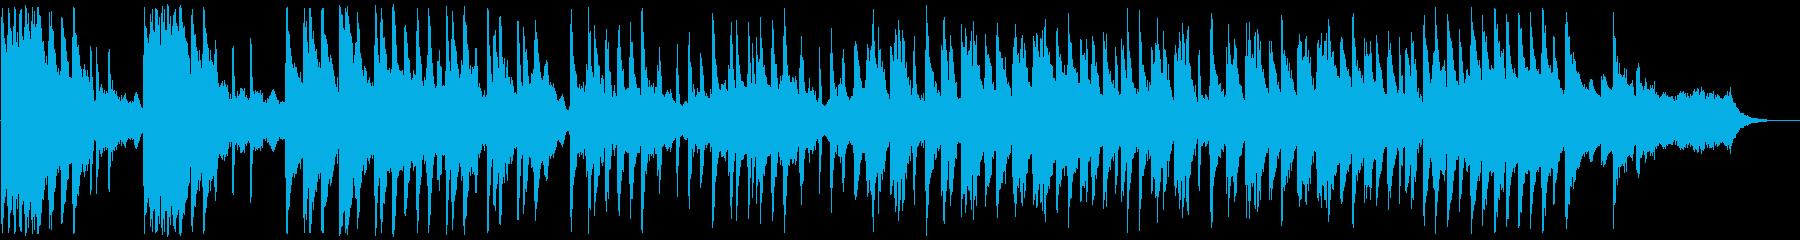 短めのピコピコBGM チップチューンの再生済みの波形